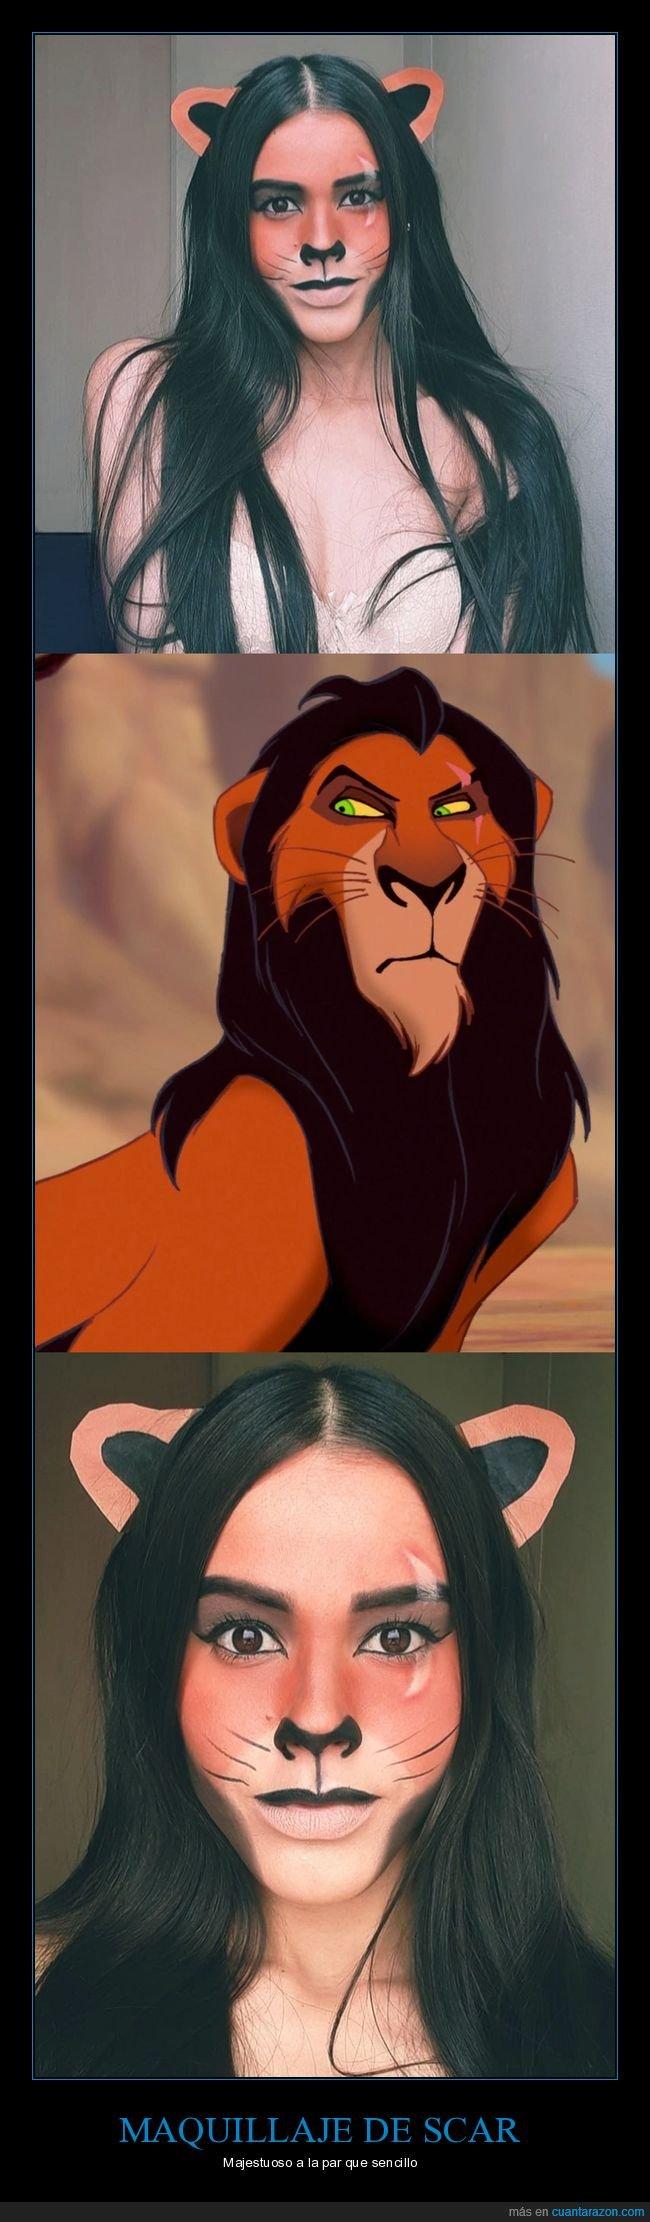 el rey león,maquillaje,scar